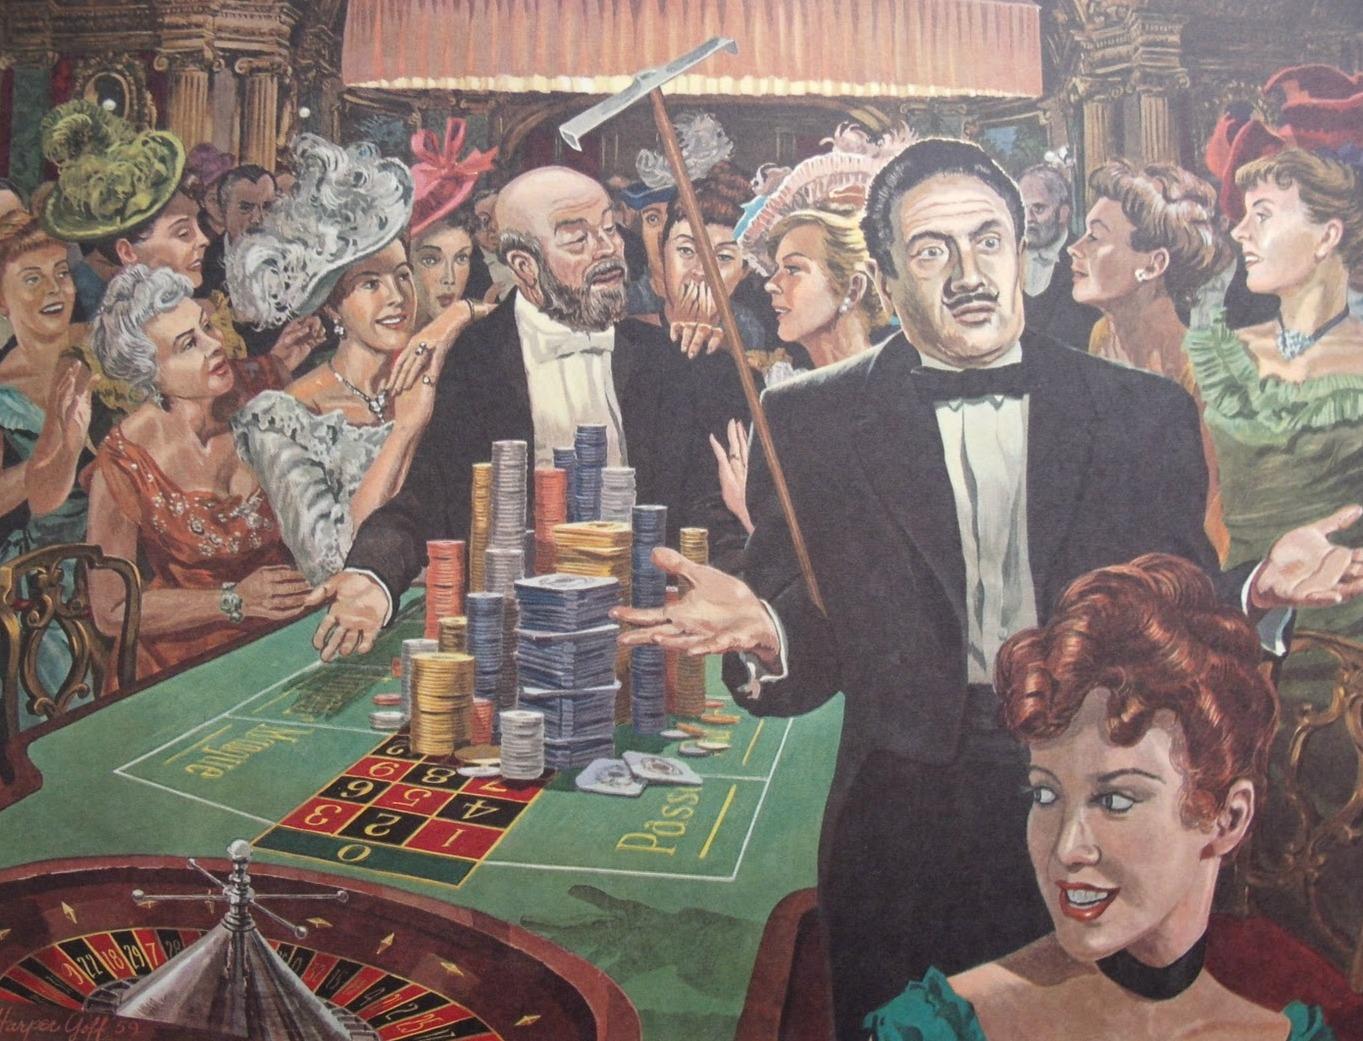 Ne každý má v ruletě štěstí. Sebevraždy neúspěšných hráčů podniku nesvědčí.